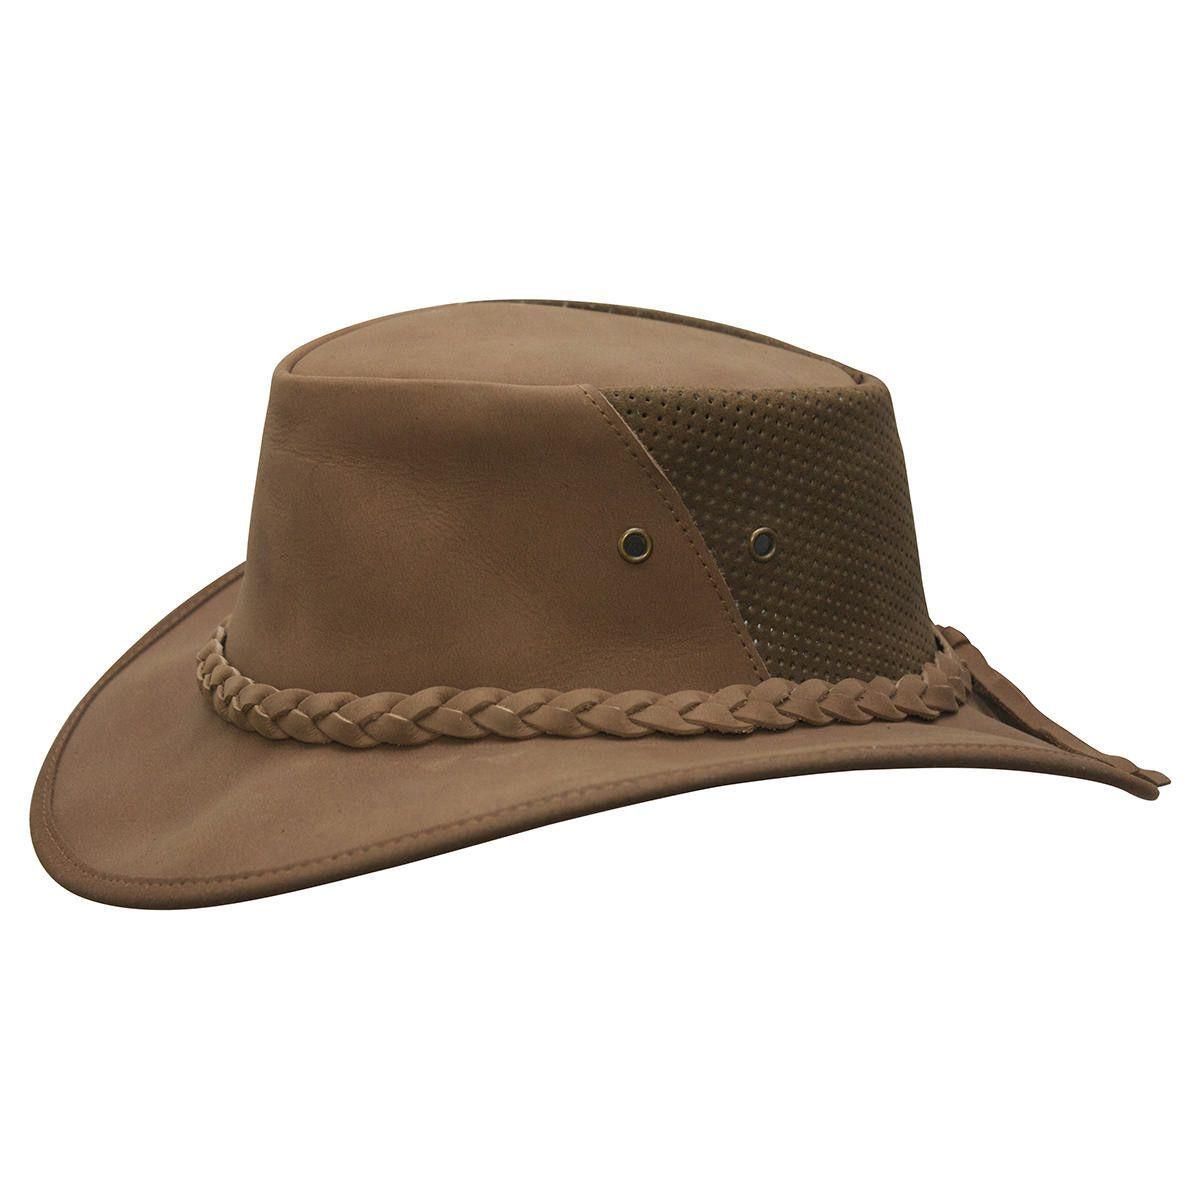 Unisex Cotton Wide Brim Aussie Sun Cap Australian Style Summer Hat